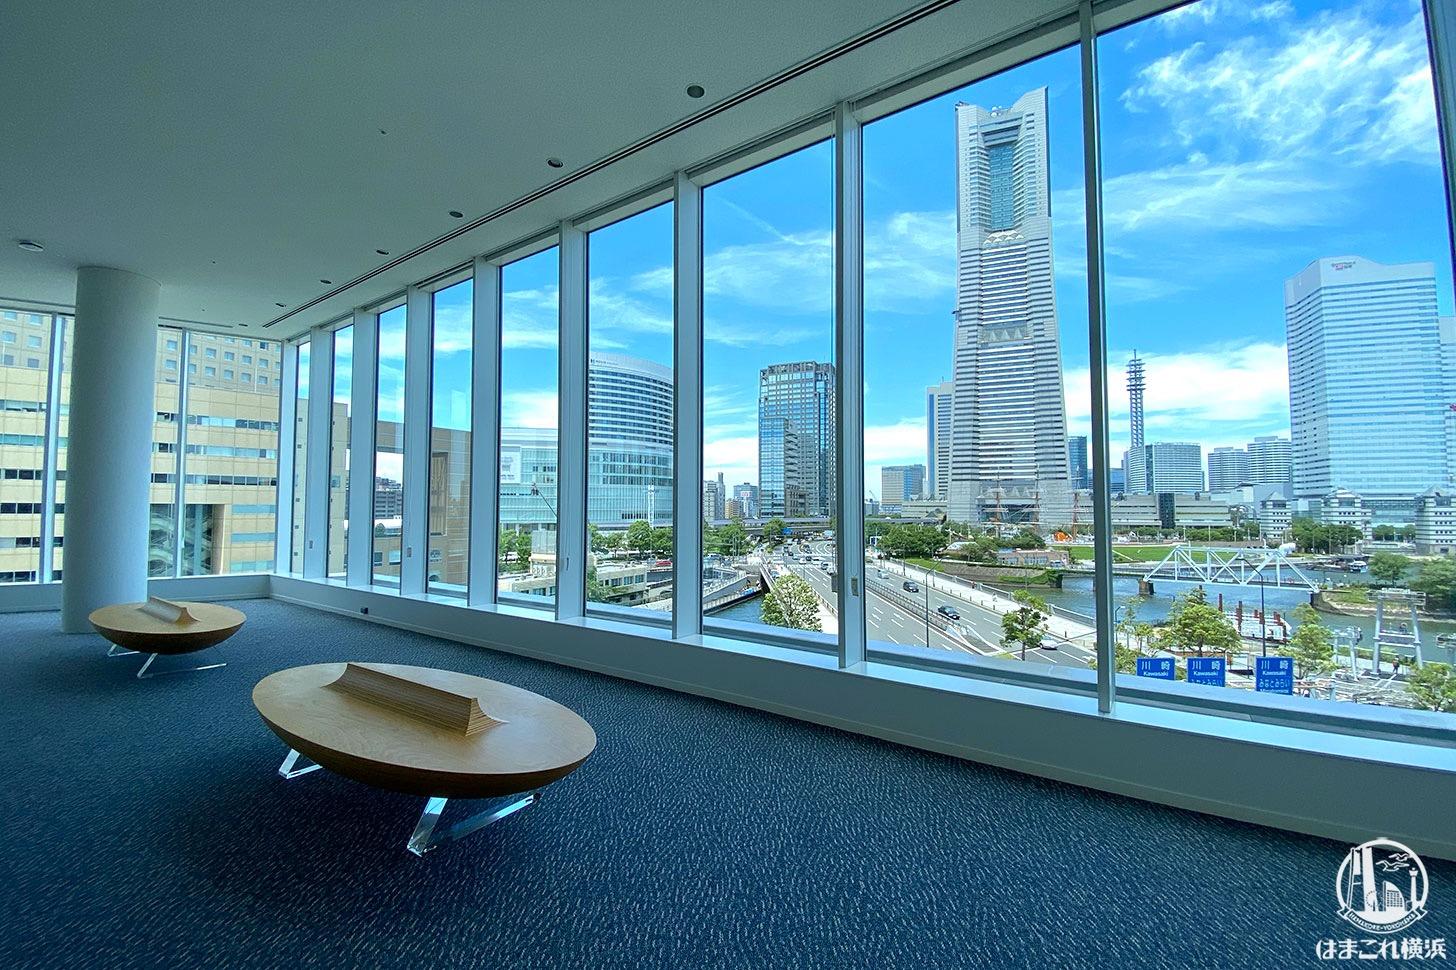 横浜市庁舎「ラウンジ」でみなとみらい一望!商業施設ラクシス フロントも一部開業